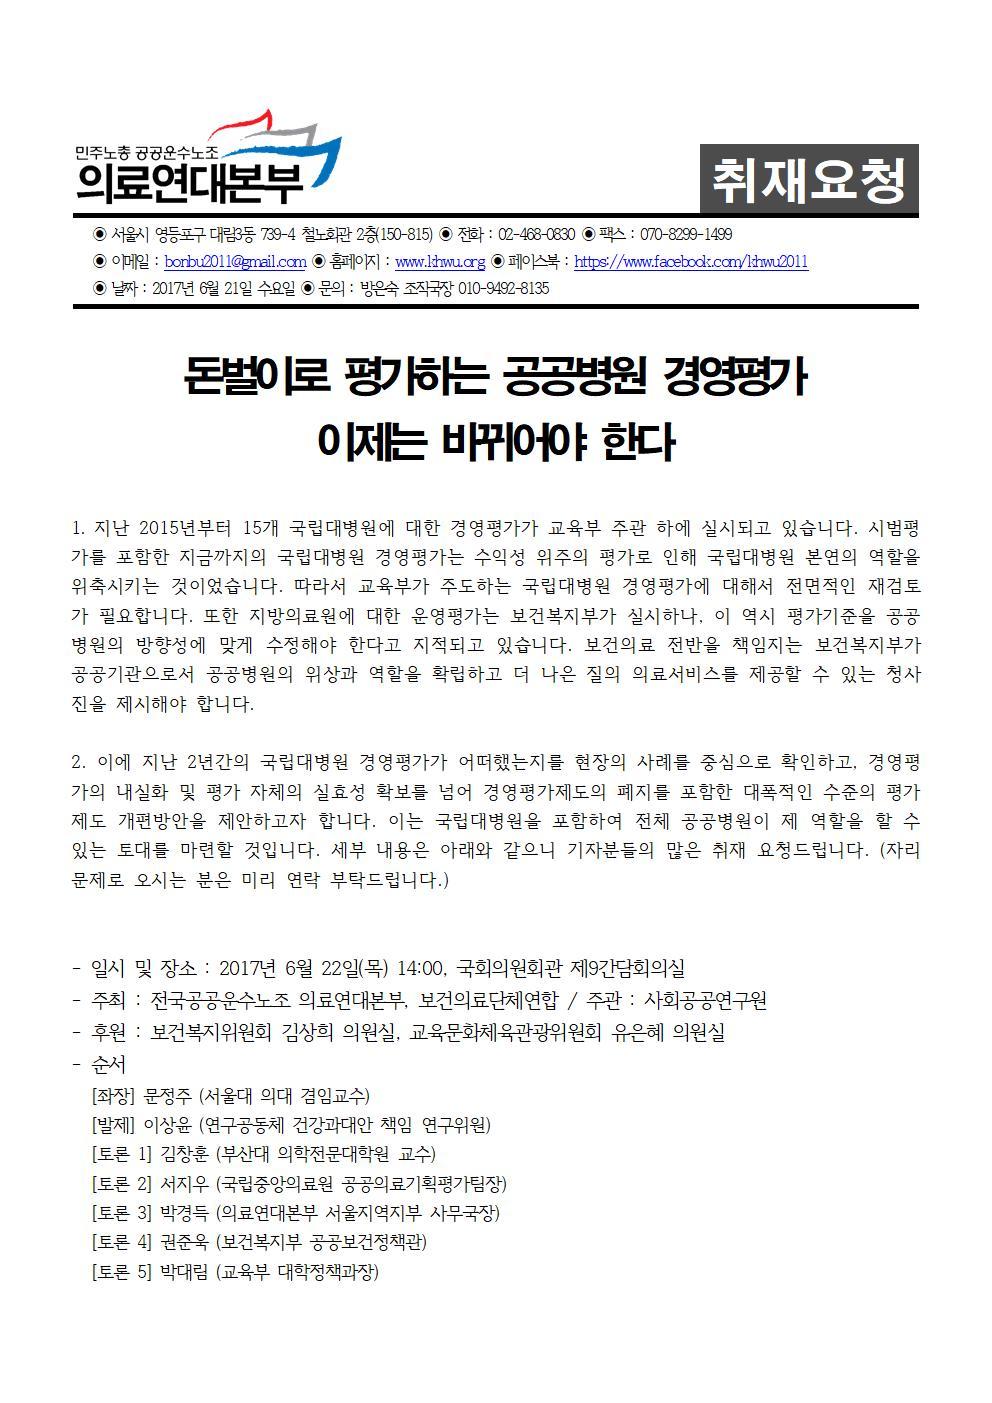 [취재요청서] 공공병원경영평가 국회토론회001.jpg